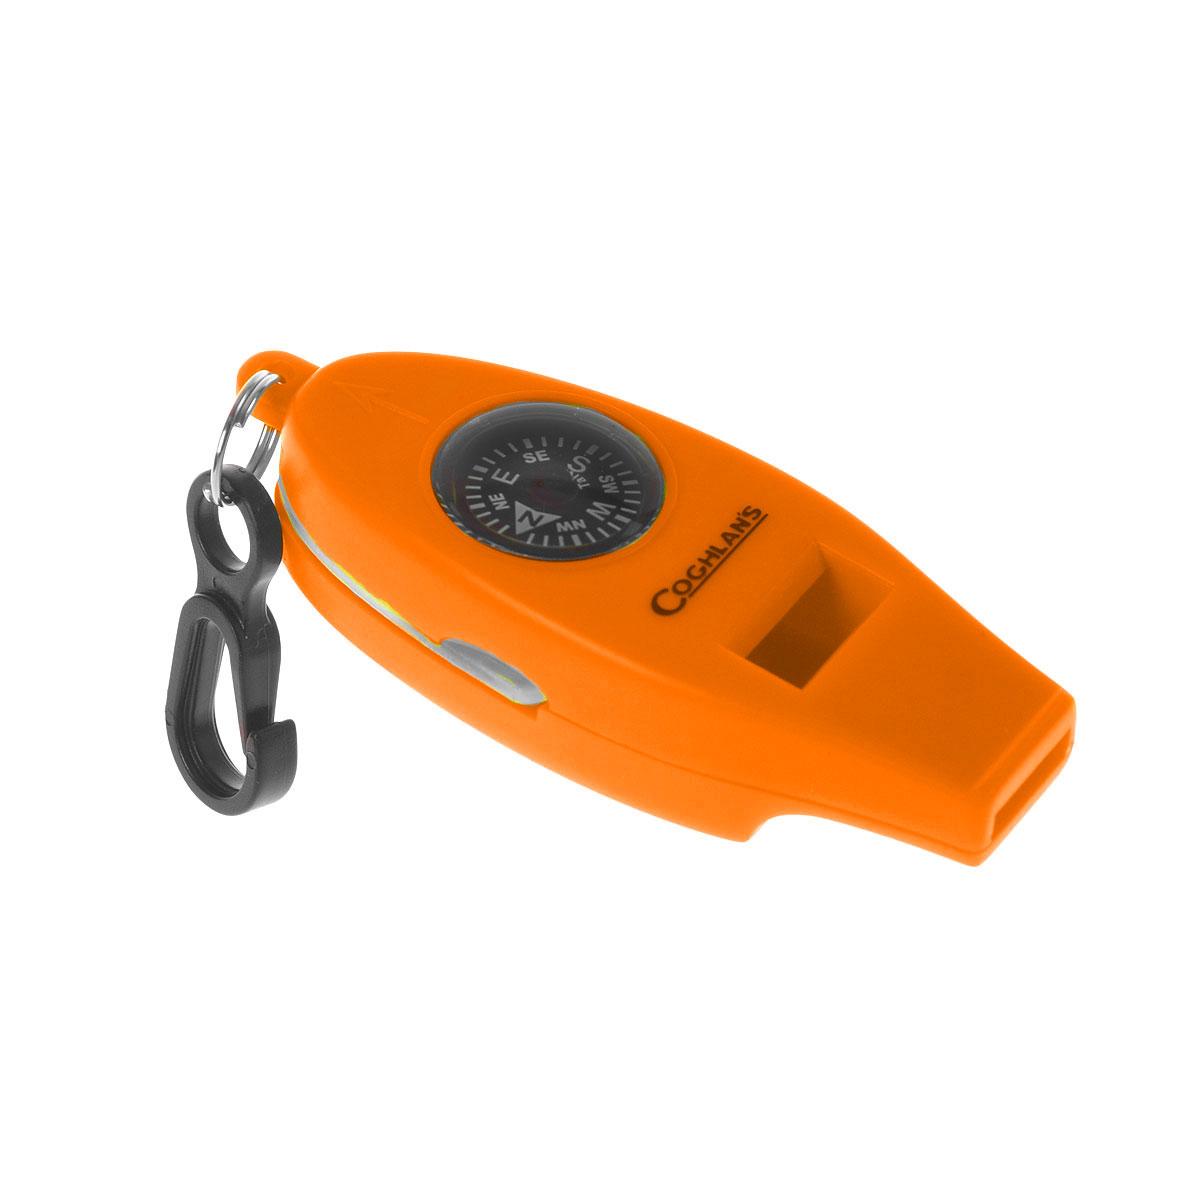 Свисток Coghlans, с четырьмя функциями, цвет: оранжевый9830Удобный и эффективный в чрезвычайных ситуациях гаджет Coghlans с 4-мя функциями - свисток, термометр, компас и увеличительное стекло для чтения карт. Возьмите с собой в лес, когда пойдете за грибами! Ударопрочный корпус, оснащен надежным карабином для крепления.